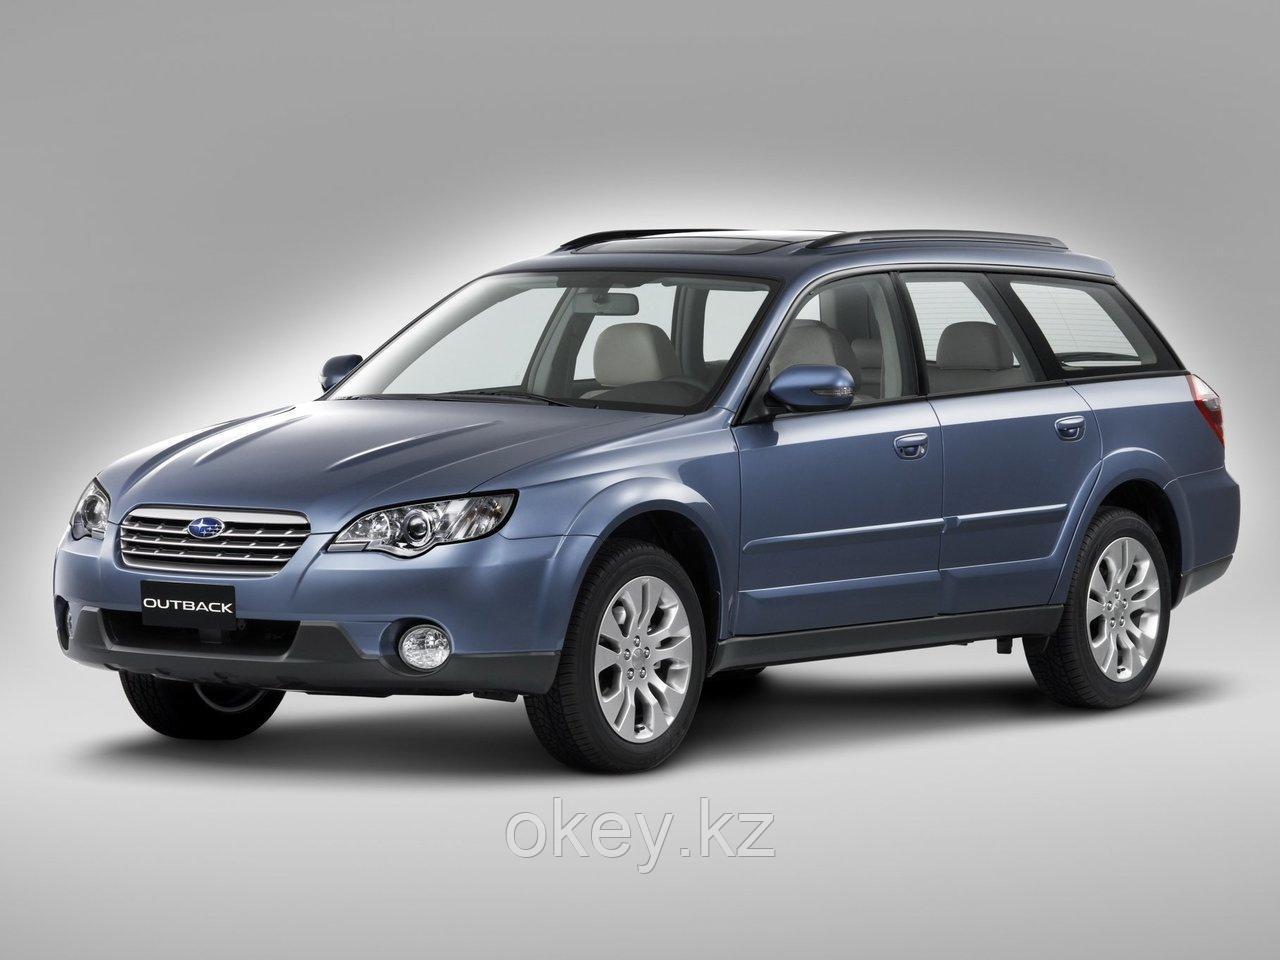 Тормозные колодки Kötl 3328KT для Subaru Outback III универсал (BL, BP) 3.0 AWD, 2003-2009 года выпуска.